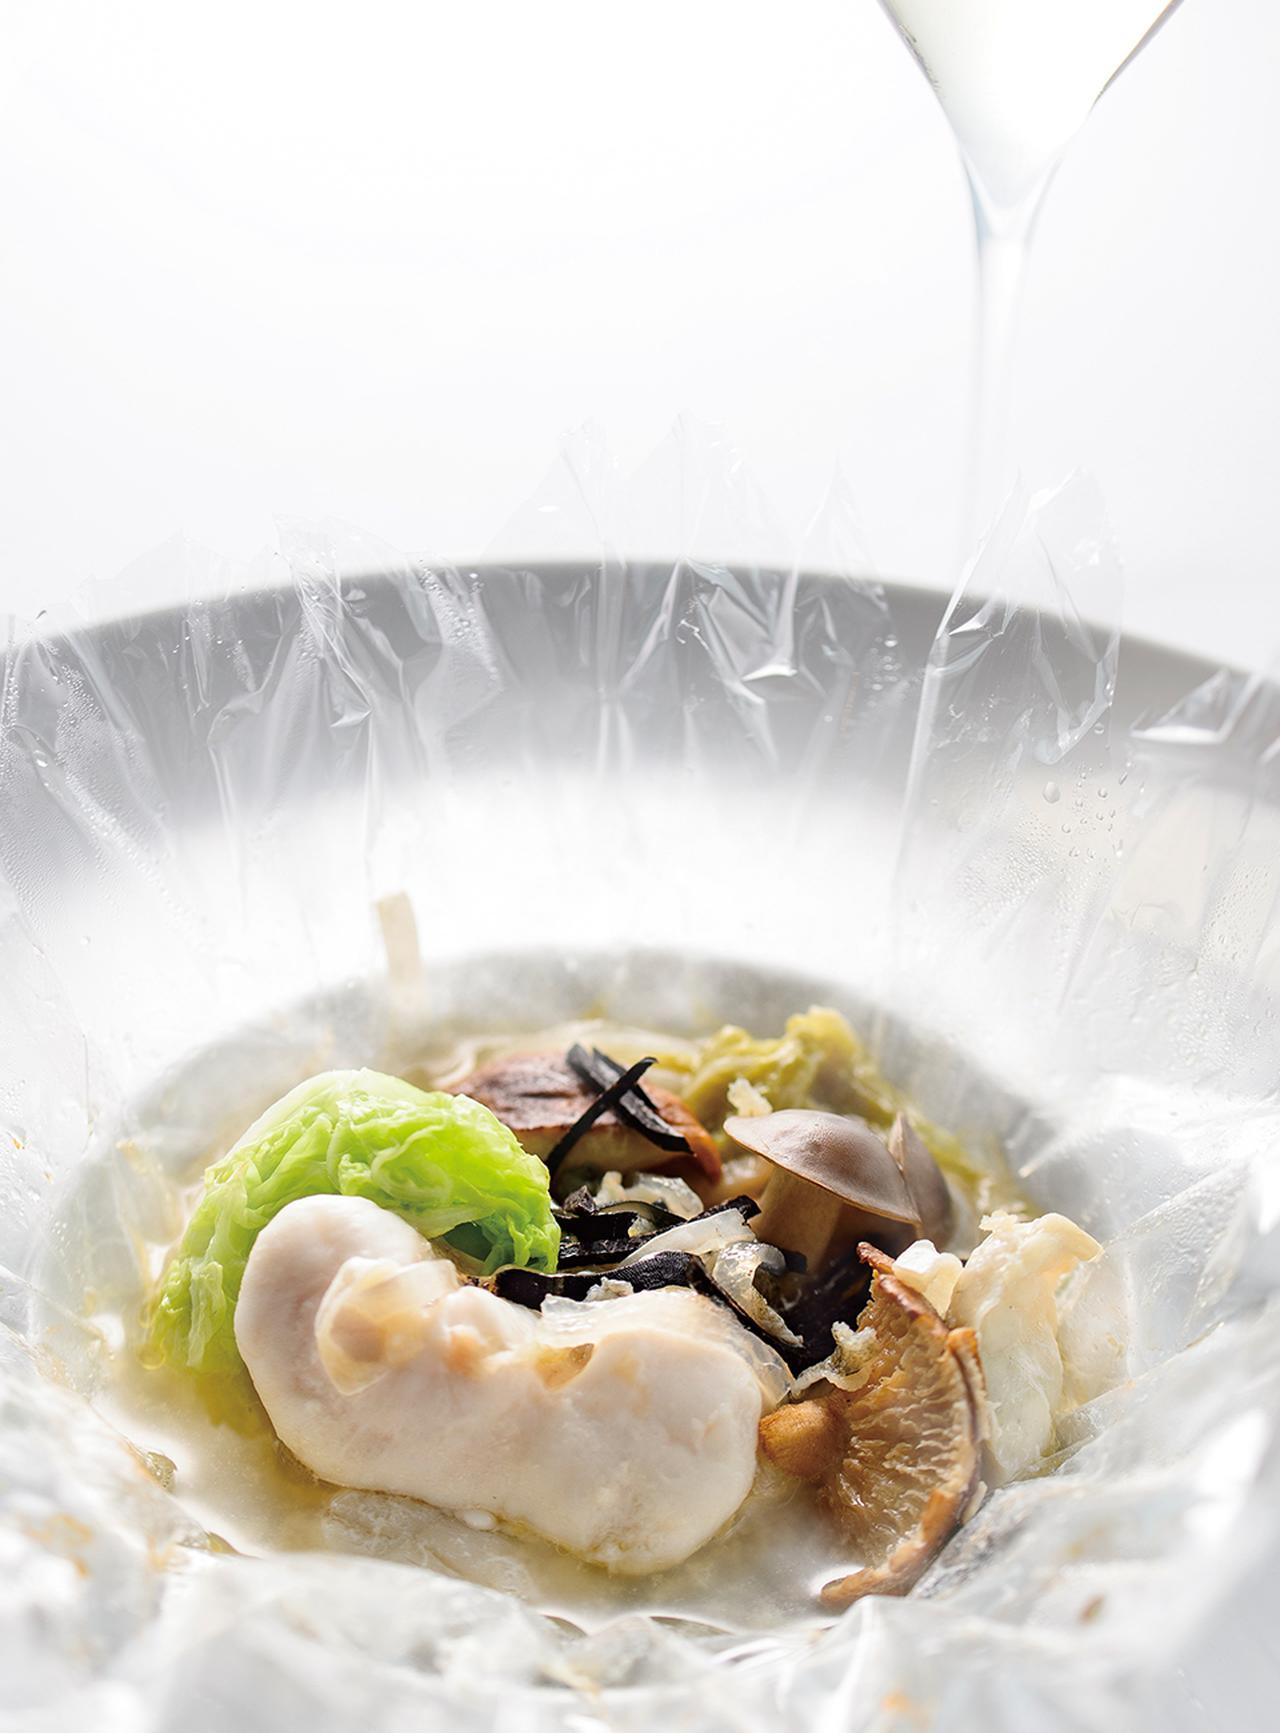 Images : 7番目の画像 - 「「志摩観光ホテル」で堪能する 伊勢志摩の恵み Vol.3 持続可能な漁業を目指す 「あのりふぐ」生産者たち」のアルバム - T JAPAN:The New York Times Style Magazine 公式サイト